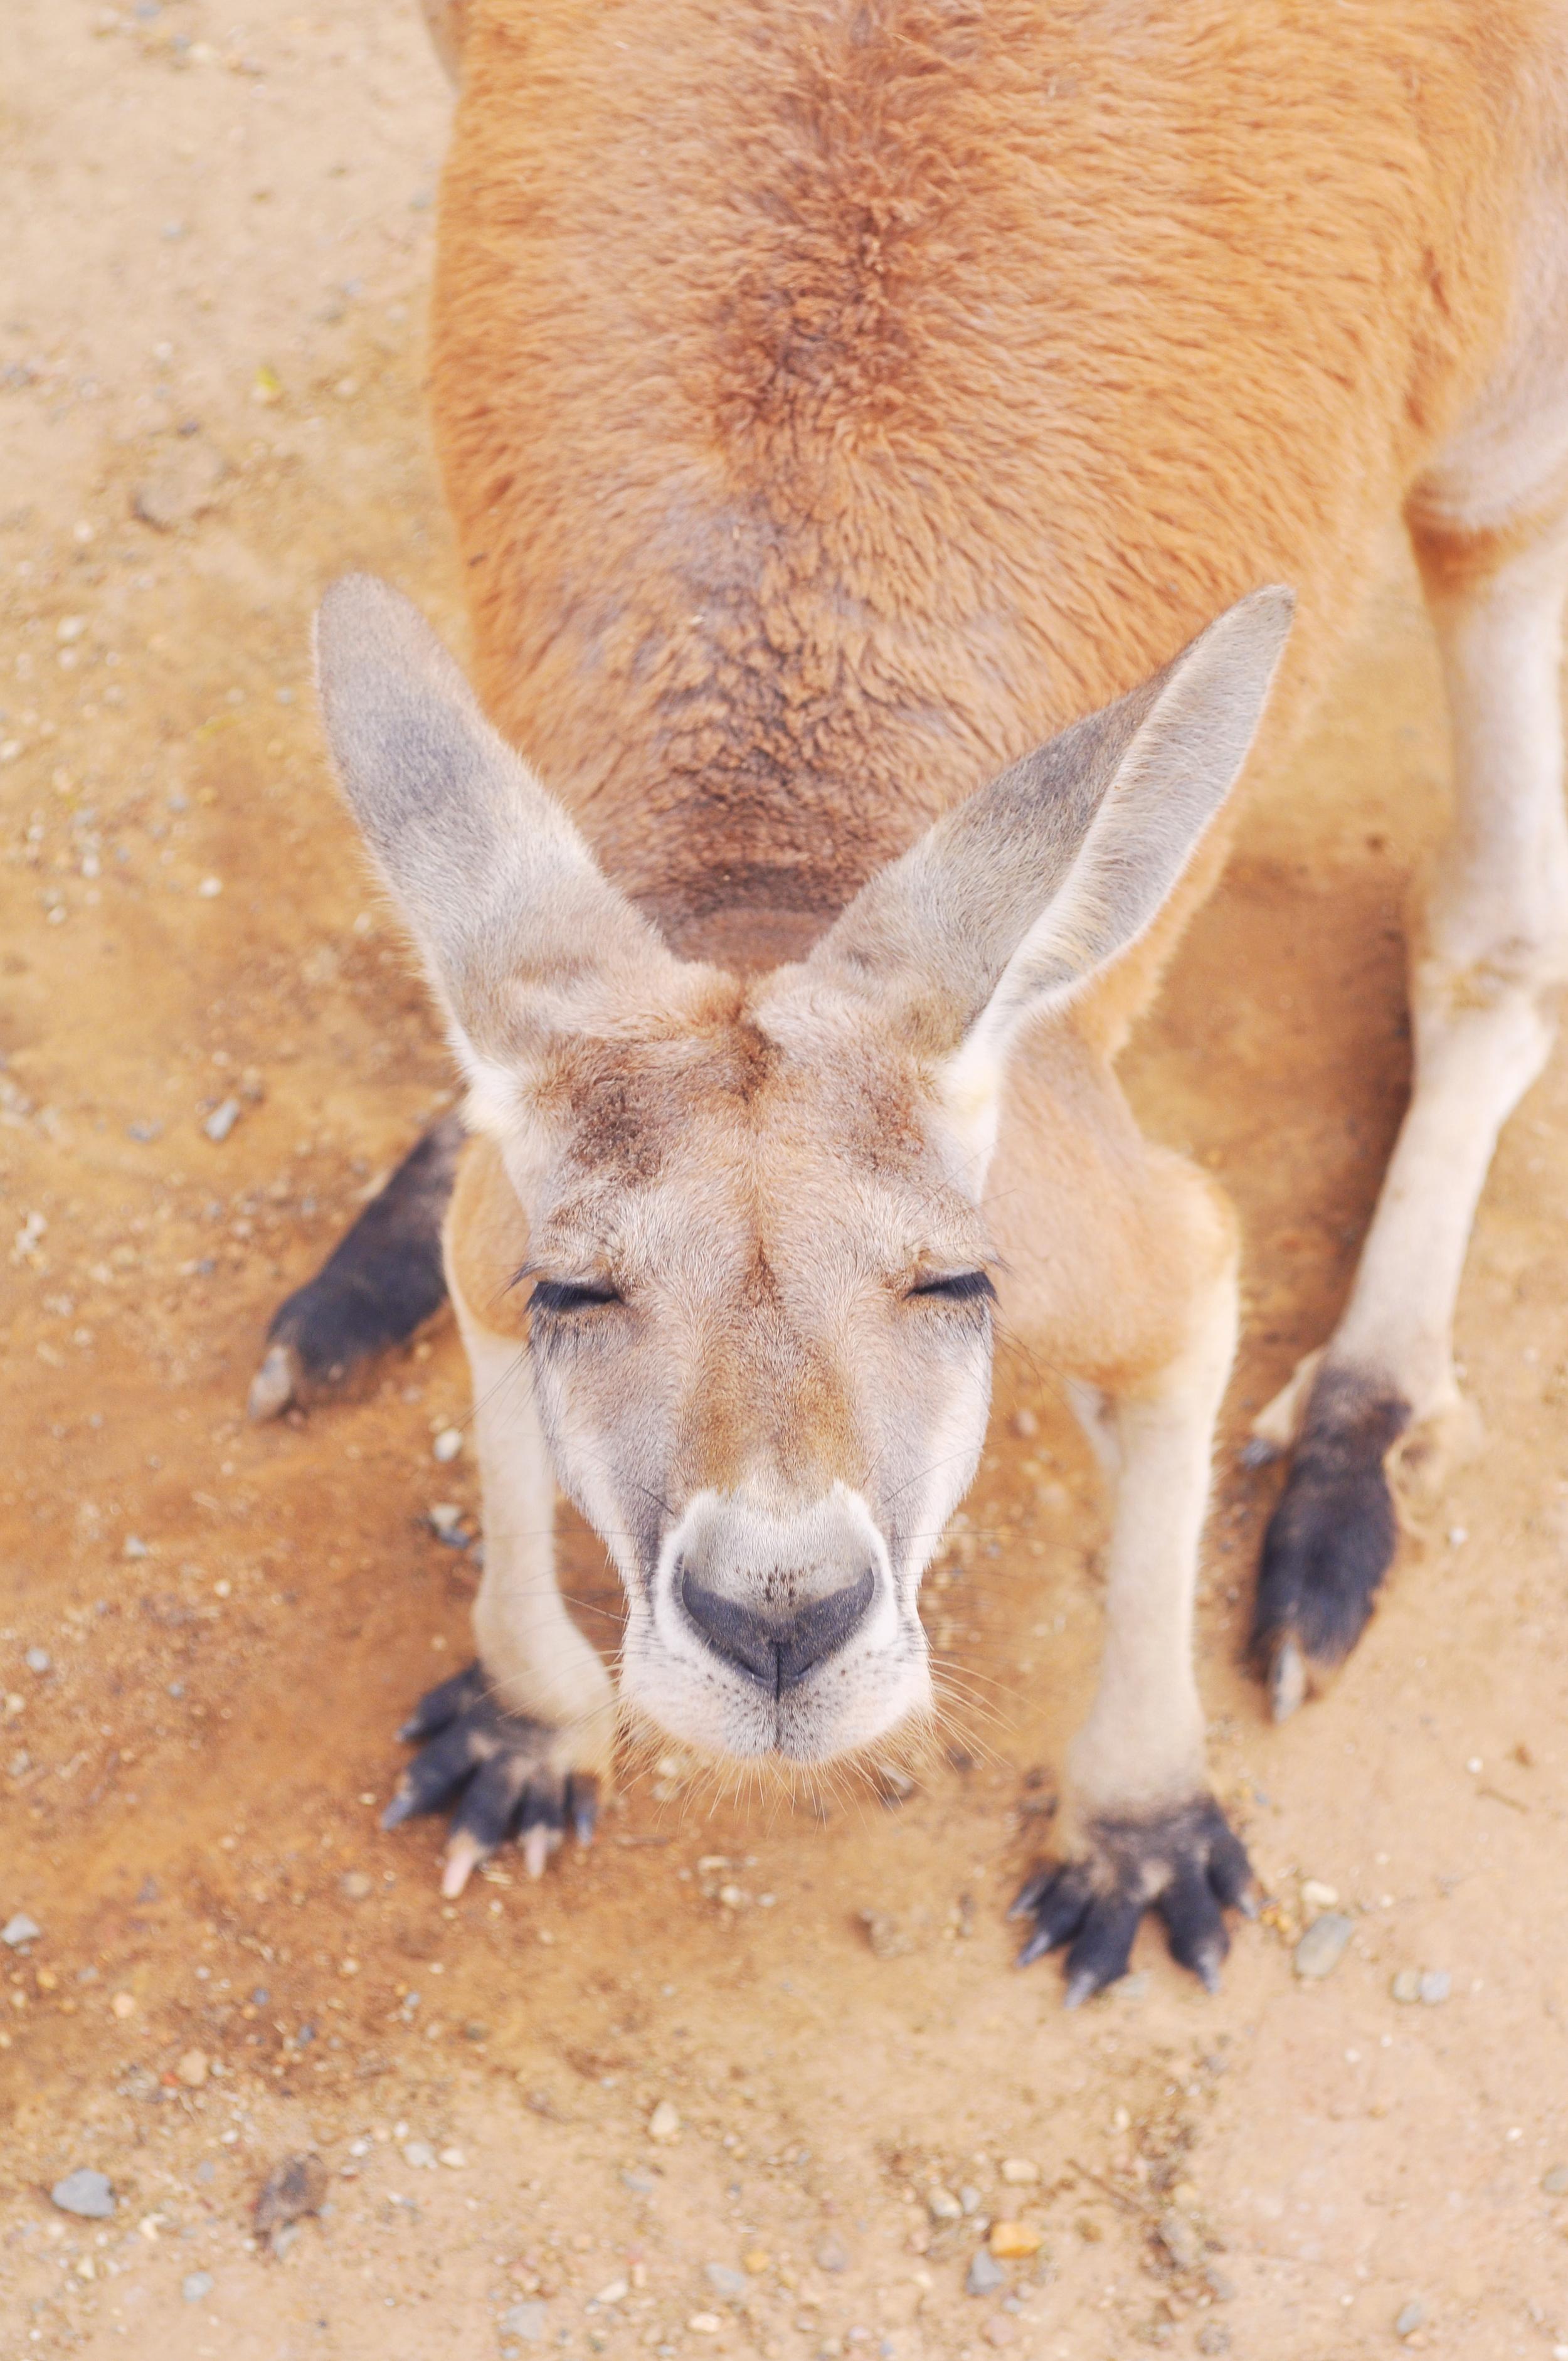 Roo in Queensland